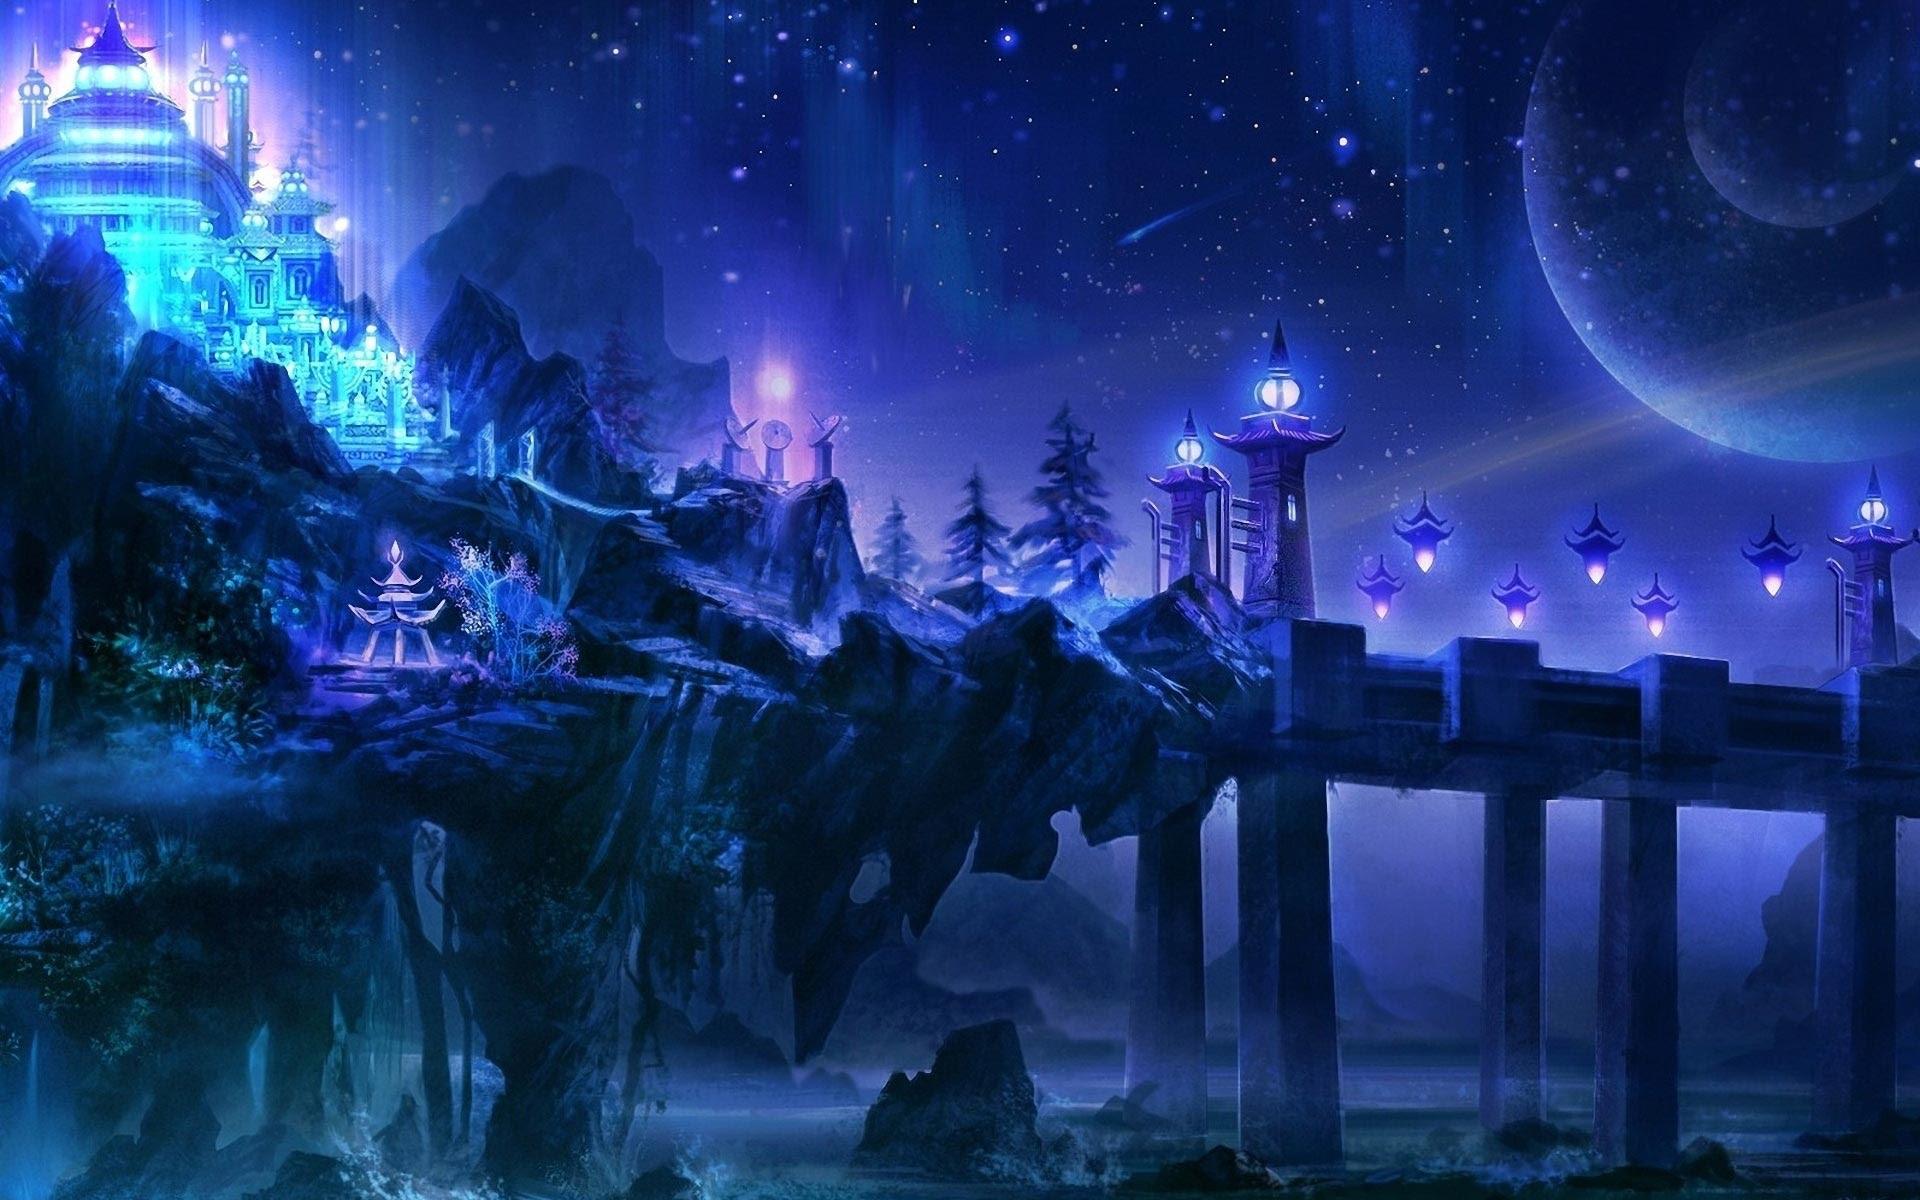 Fantasy Fantasy Photo 32757148 Fanpop